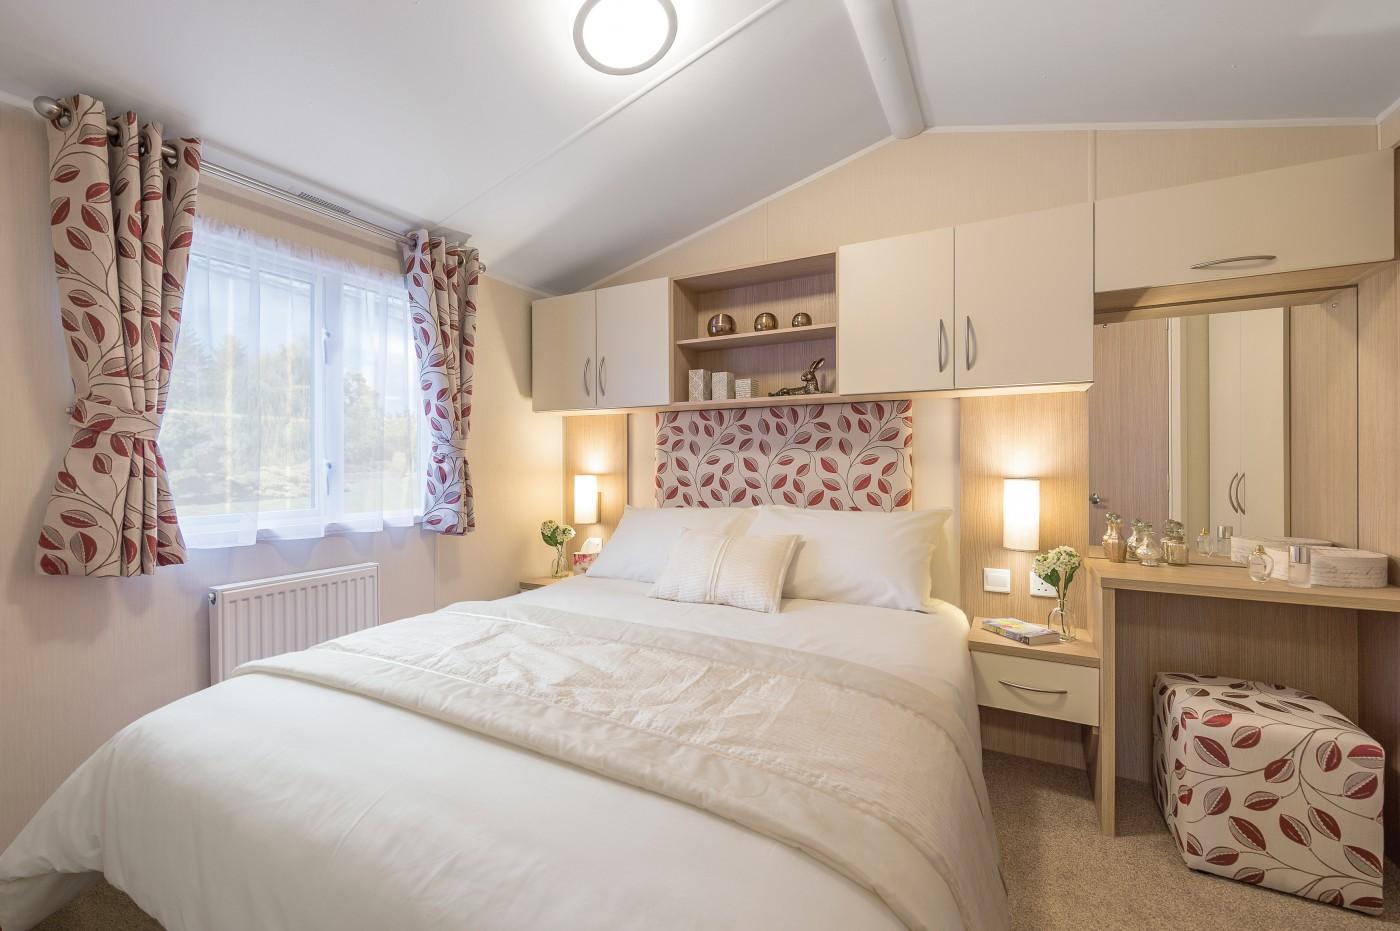 D 2016 Willerby Brockenhurst 2 Bedroom Caravan